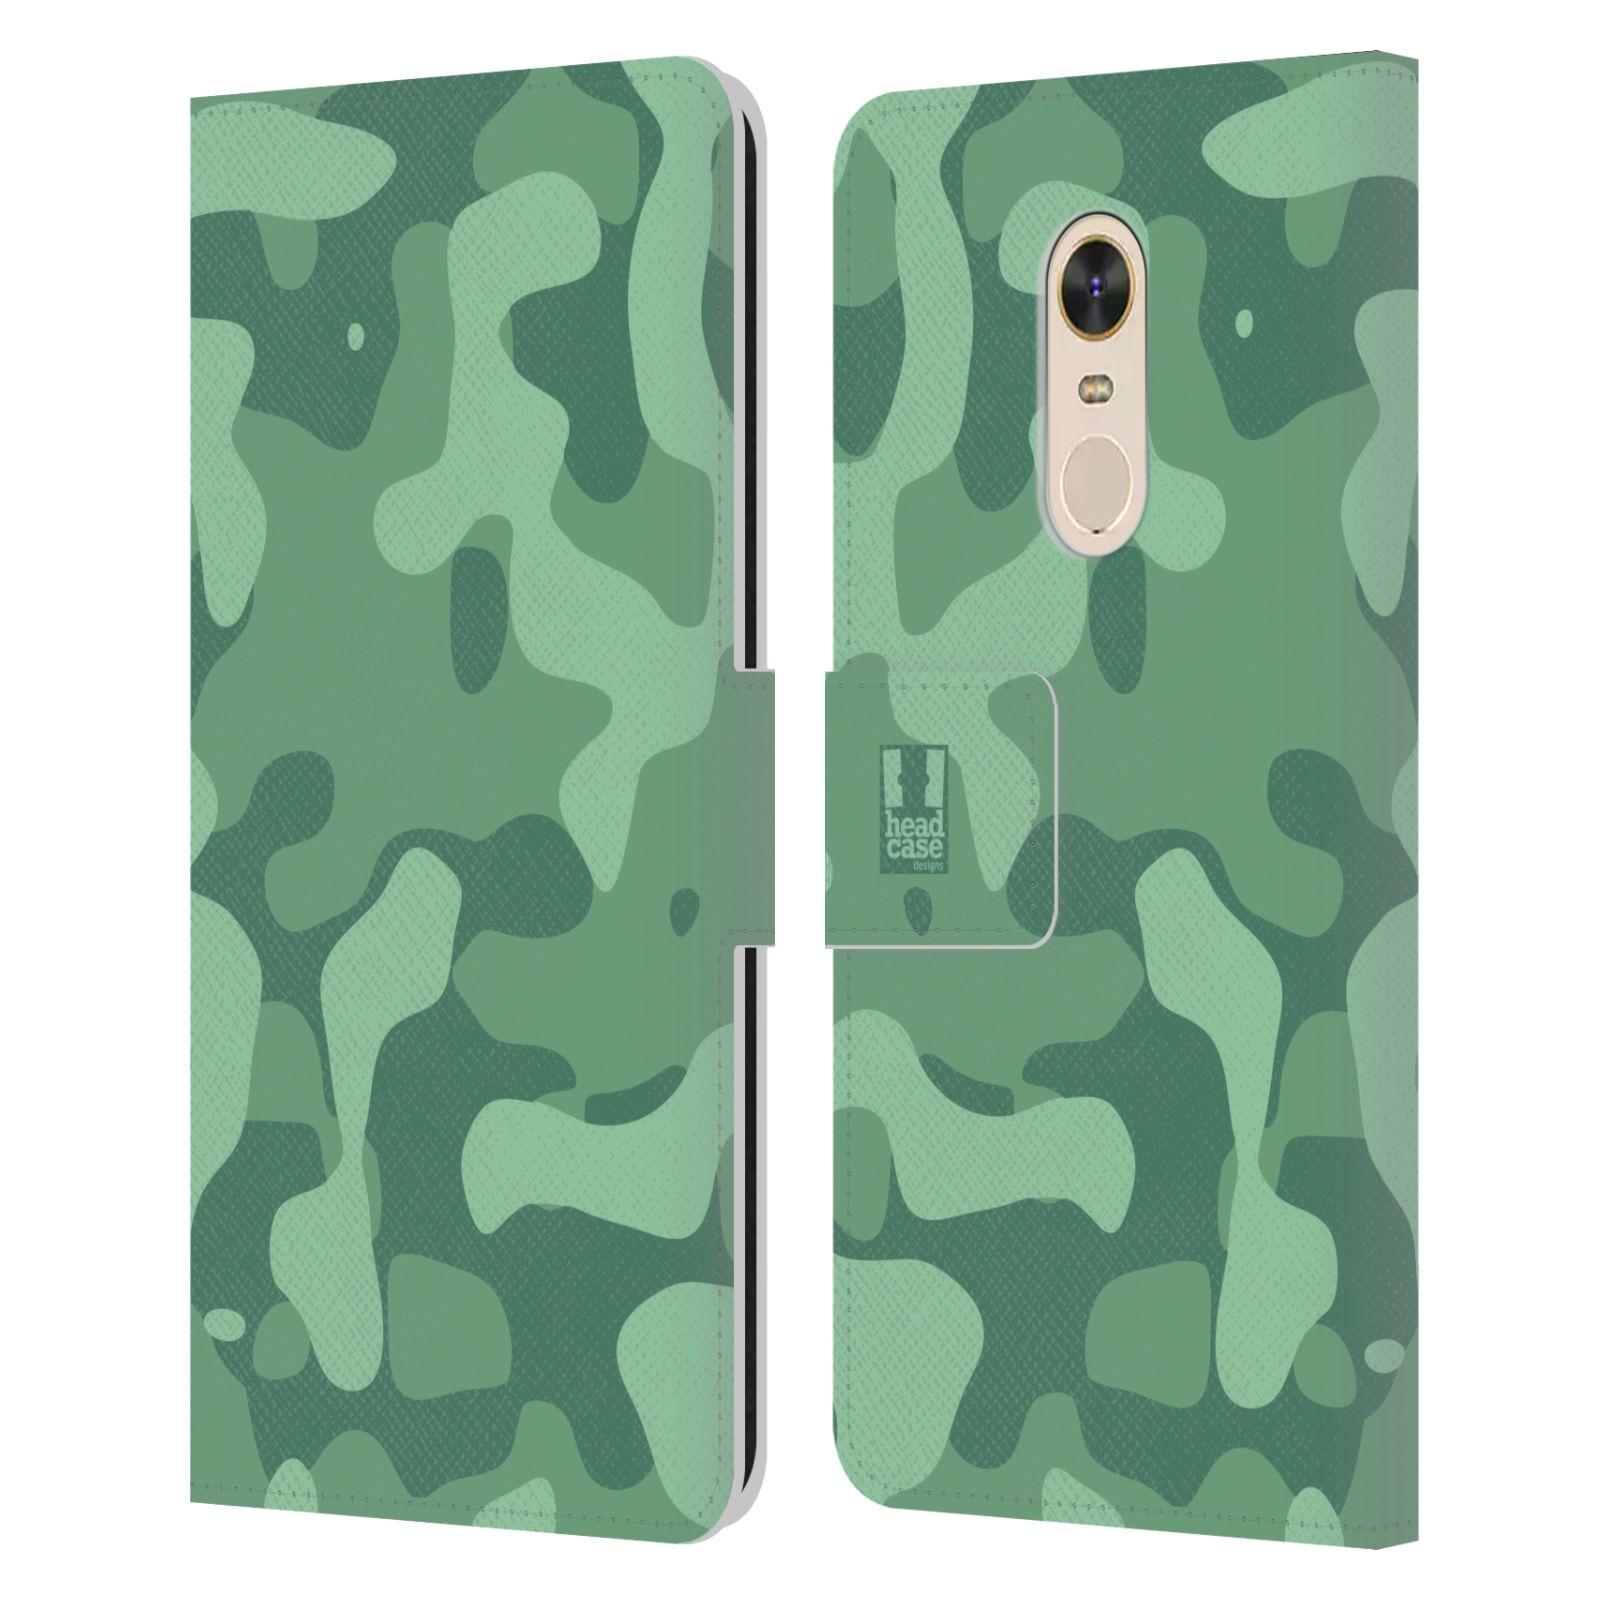 HEAD CASE Flipové pouzdro pro mobil Xiaomi Redmi Note 5 lehká barevná kamufláž mentol zelená